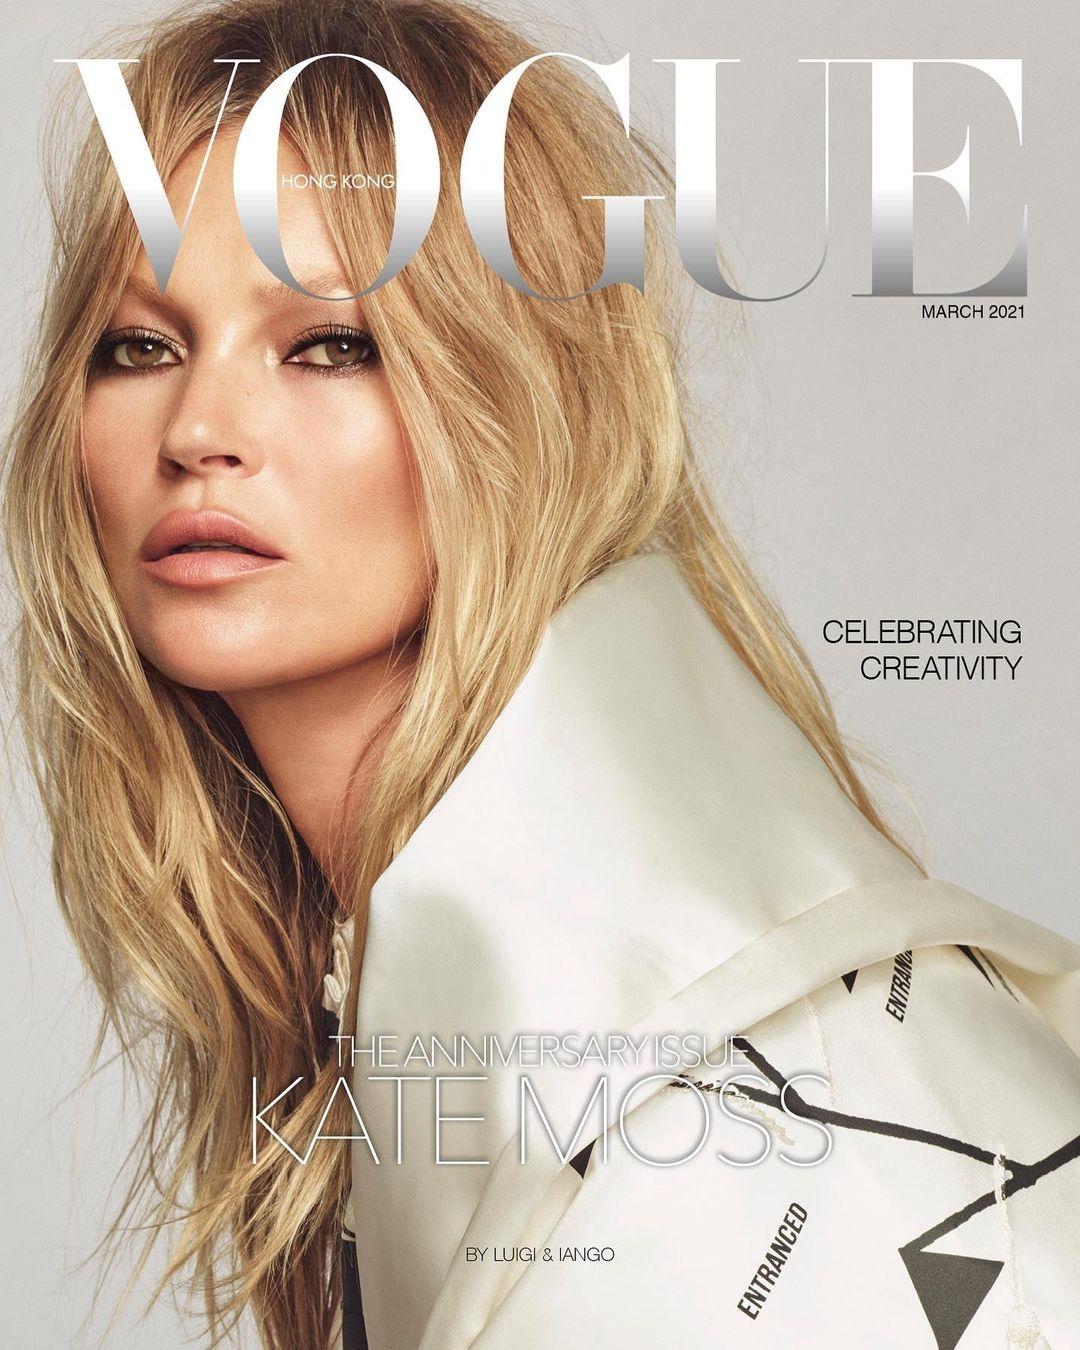 Кейт Мосс снялась для Vogue и поразила поклонников неувядающей красотой (ФОТО) - фото №1